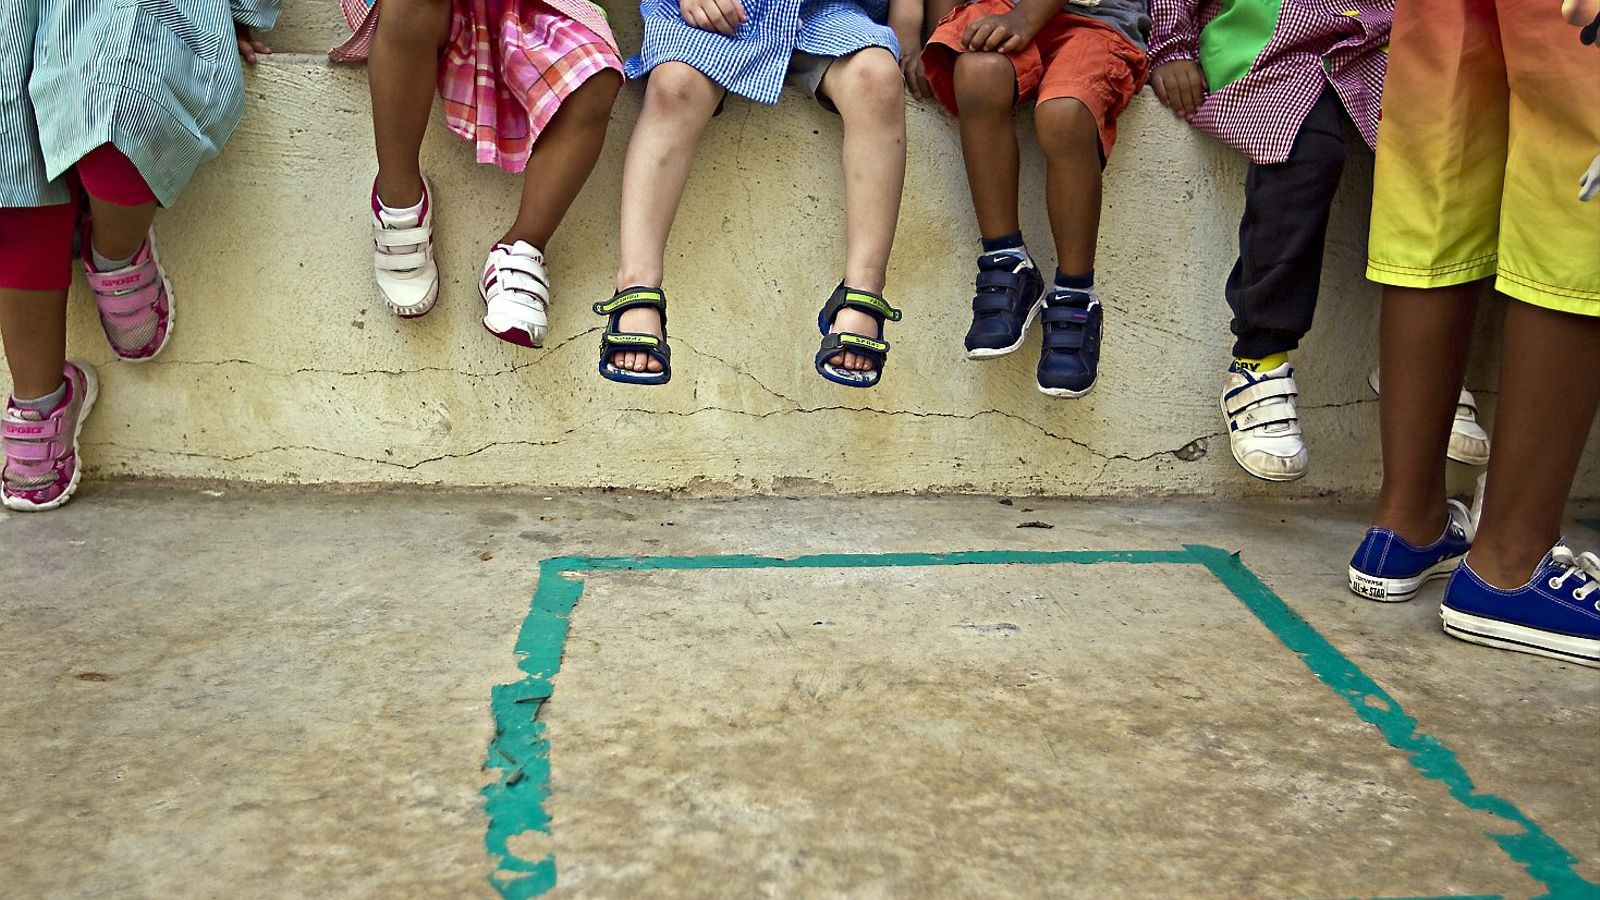 SISTEMA INEFICIENT  A Espanya, les ajudes socials són poc efectives  en la reducció de la pobresa infantil.